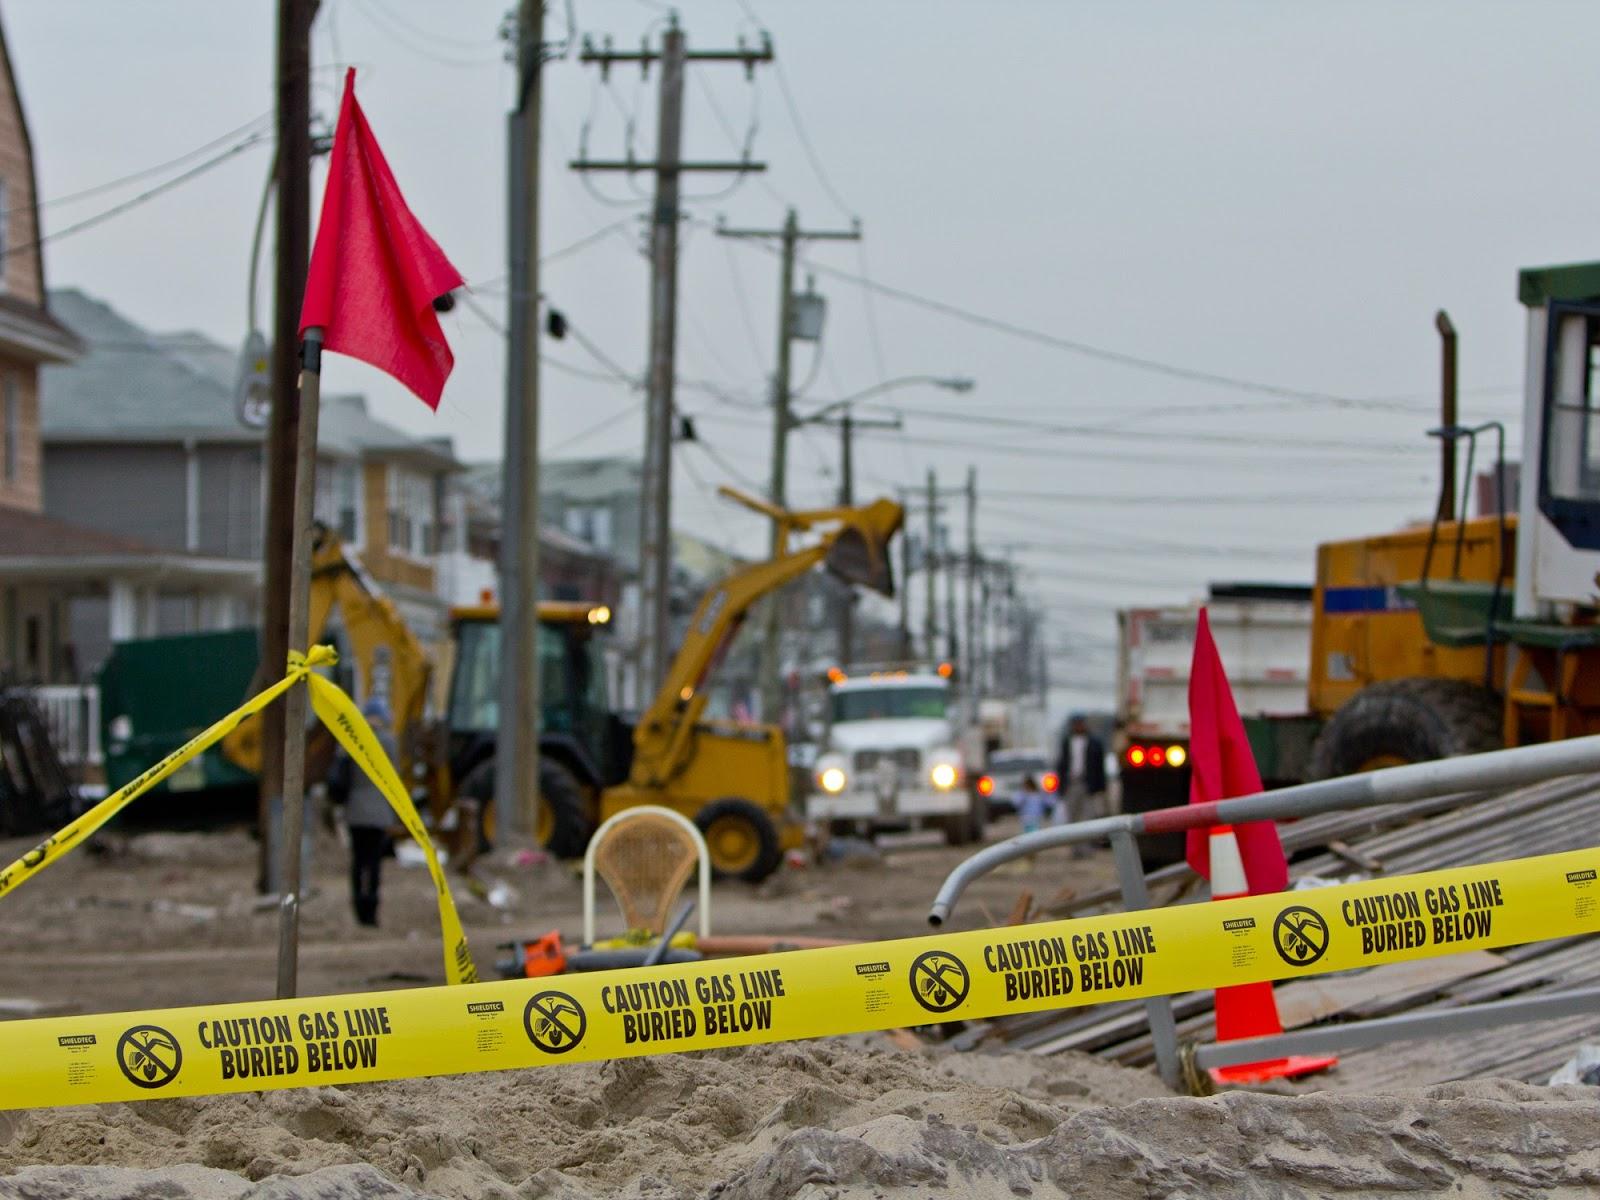 http://2.bp.blogspot.com/-QXcmKFcAEw4/ULBpTTya97I/AAAAAAAAJTc/CoWQ17enoNo/s1600/0-SANDY-destruction-nyc-nov-2012.jpg